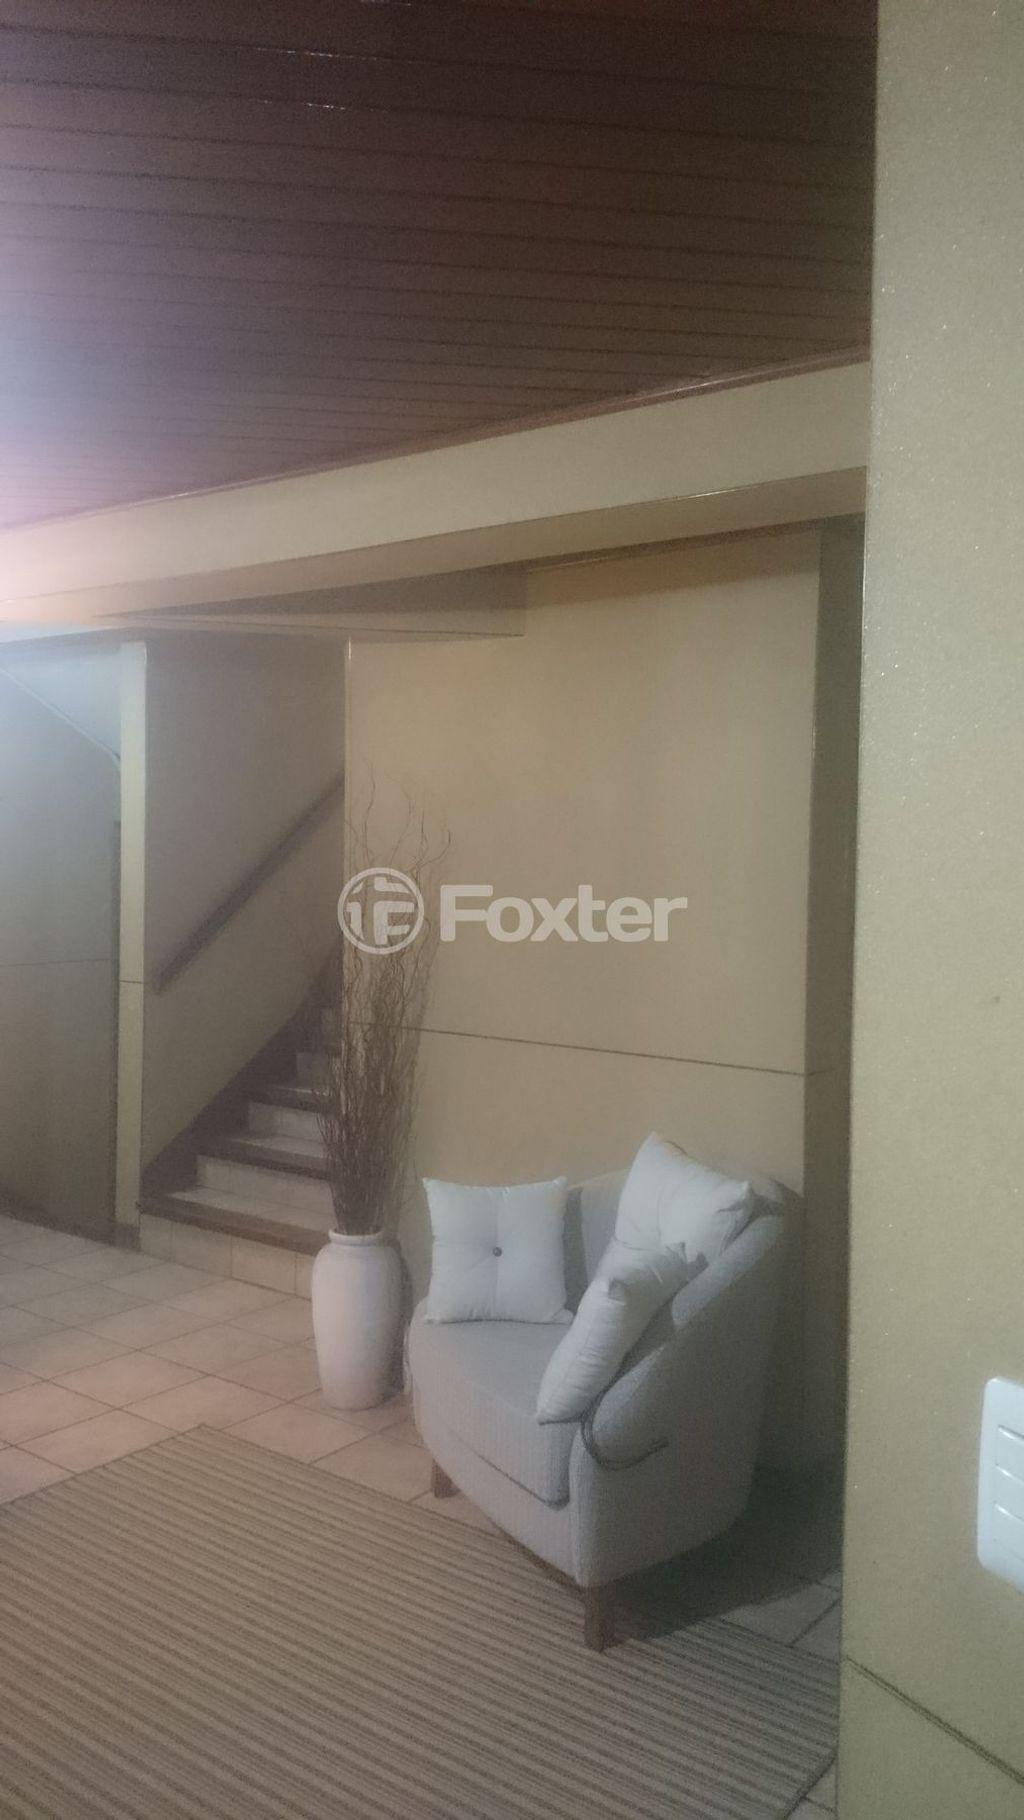 Foxter Imobiliária - Cobertura 3 Dorm (137279) - Foto 5